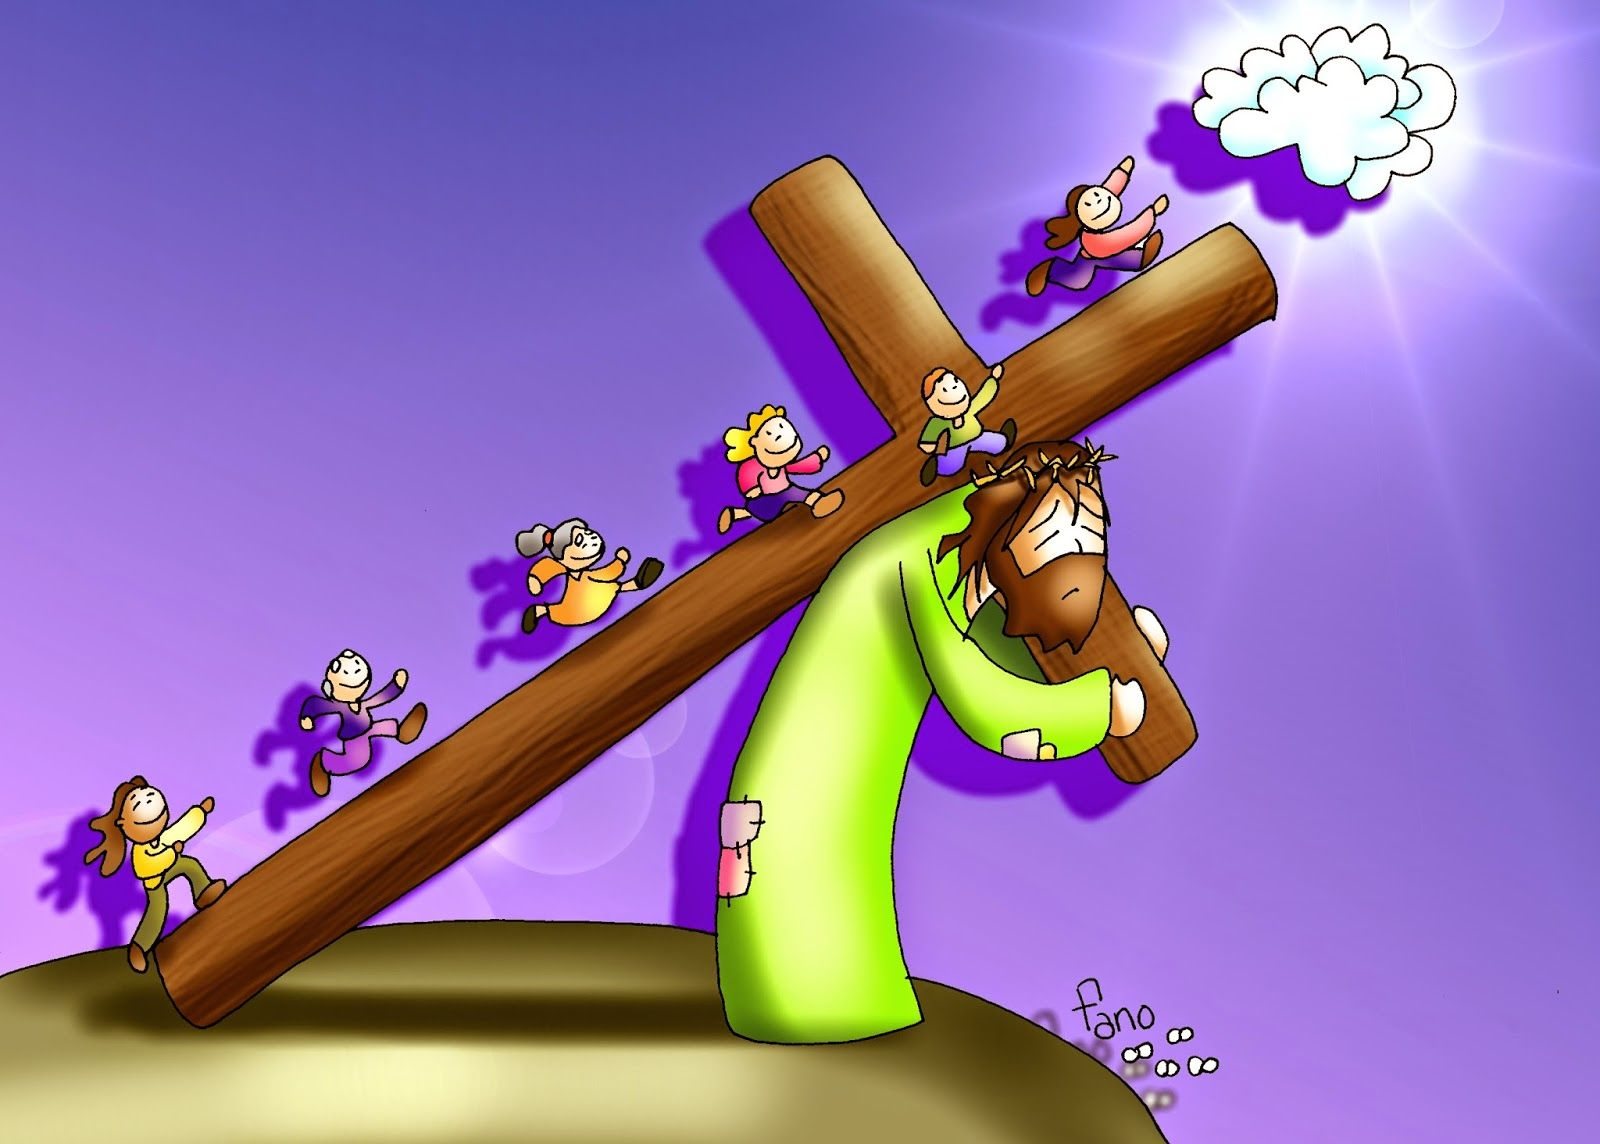 Tu Cruz Nos Lleva Al Cielo Puzzles Dibujo De Fano Para El Domingo De Ramos Historias De La Biblia Para Ninos Catequesis Catolico